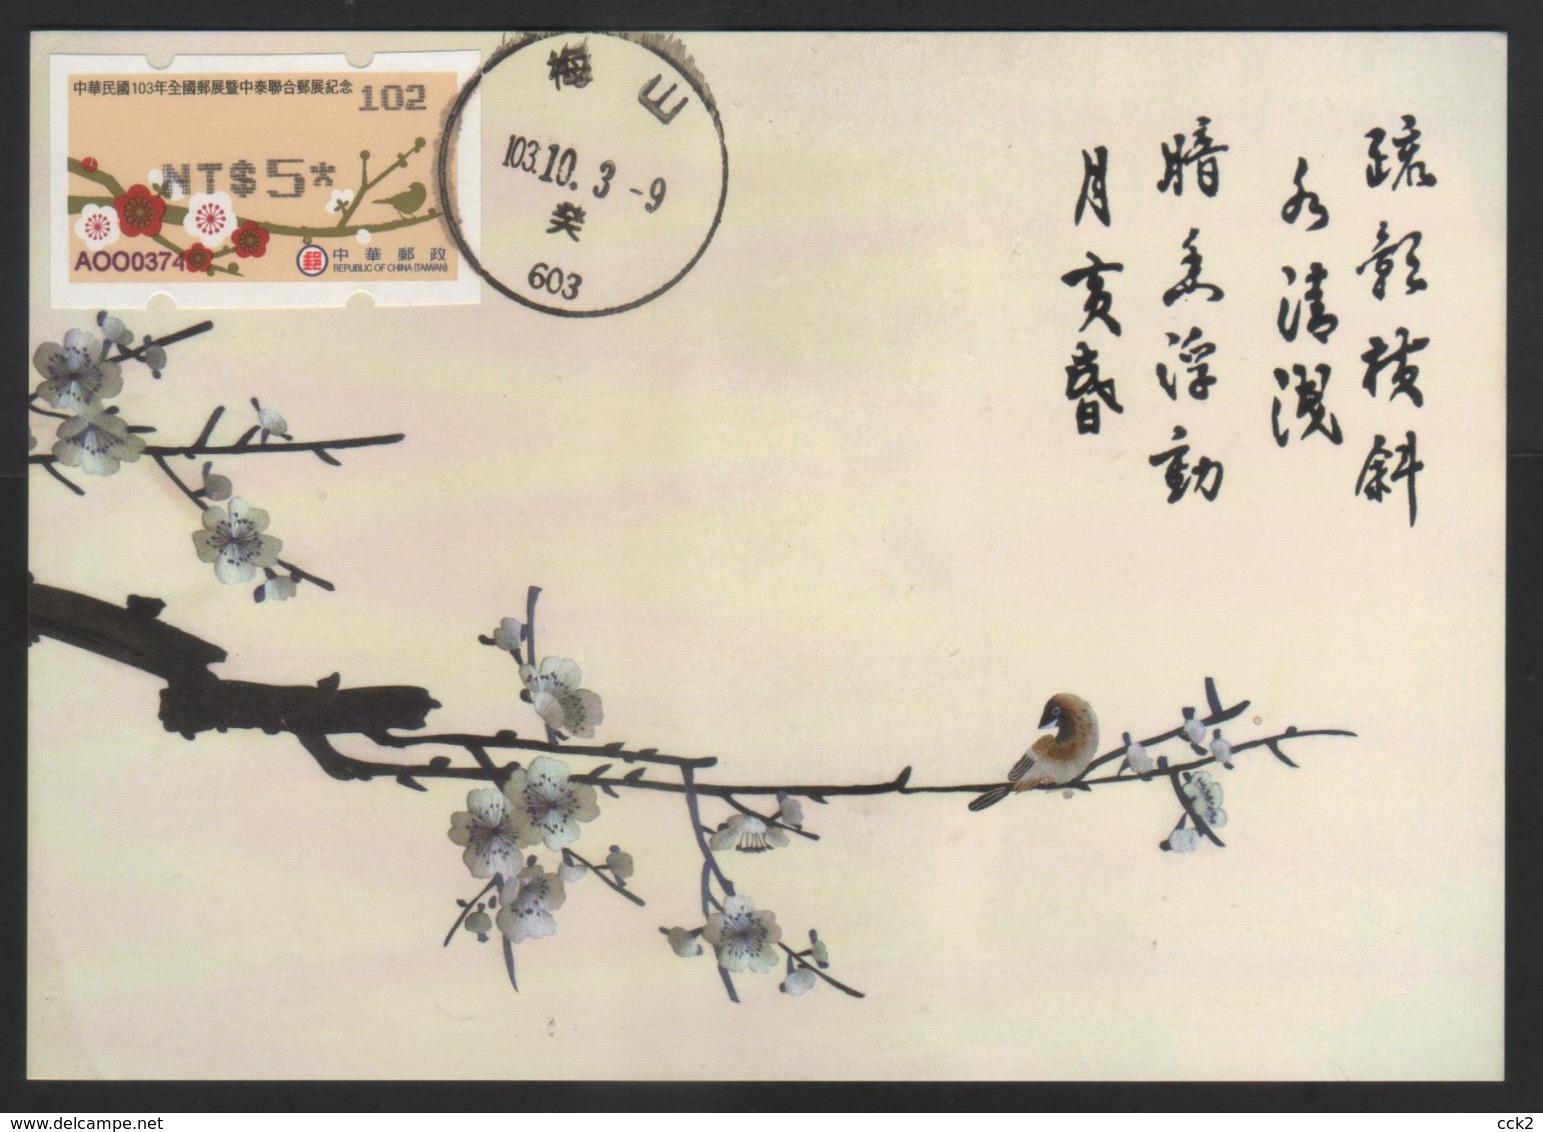 Taiwan R.O.CHINA 2014 - ATM Frama - Plum Blossom, Bird  Maximum Card - ATM - Frama (vignette)